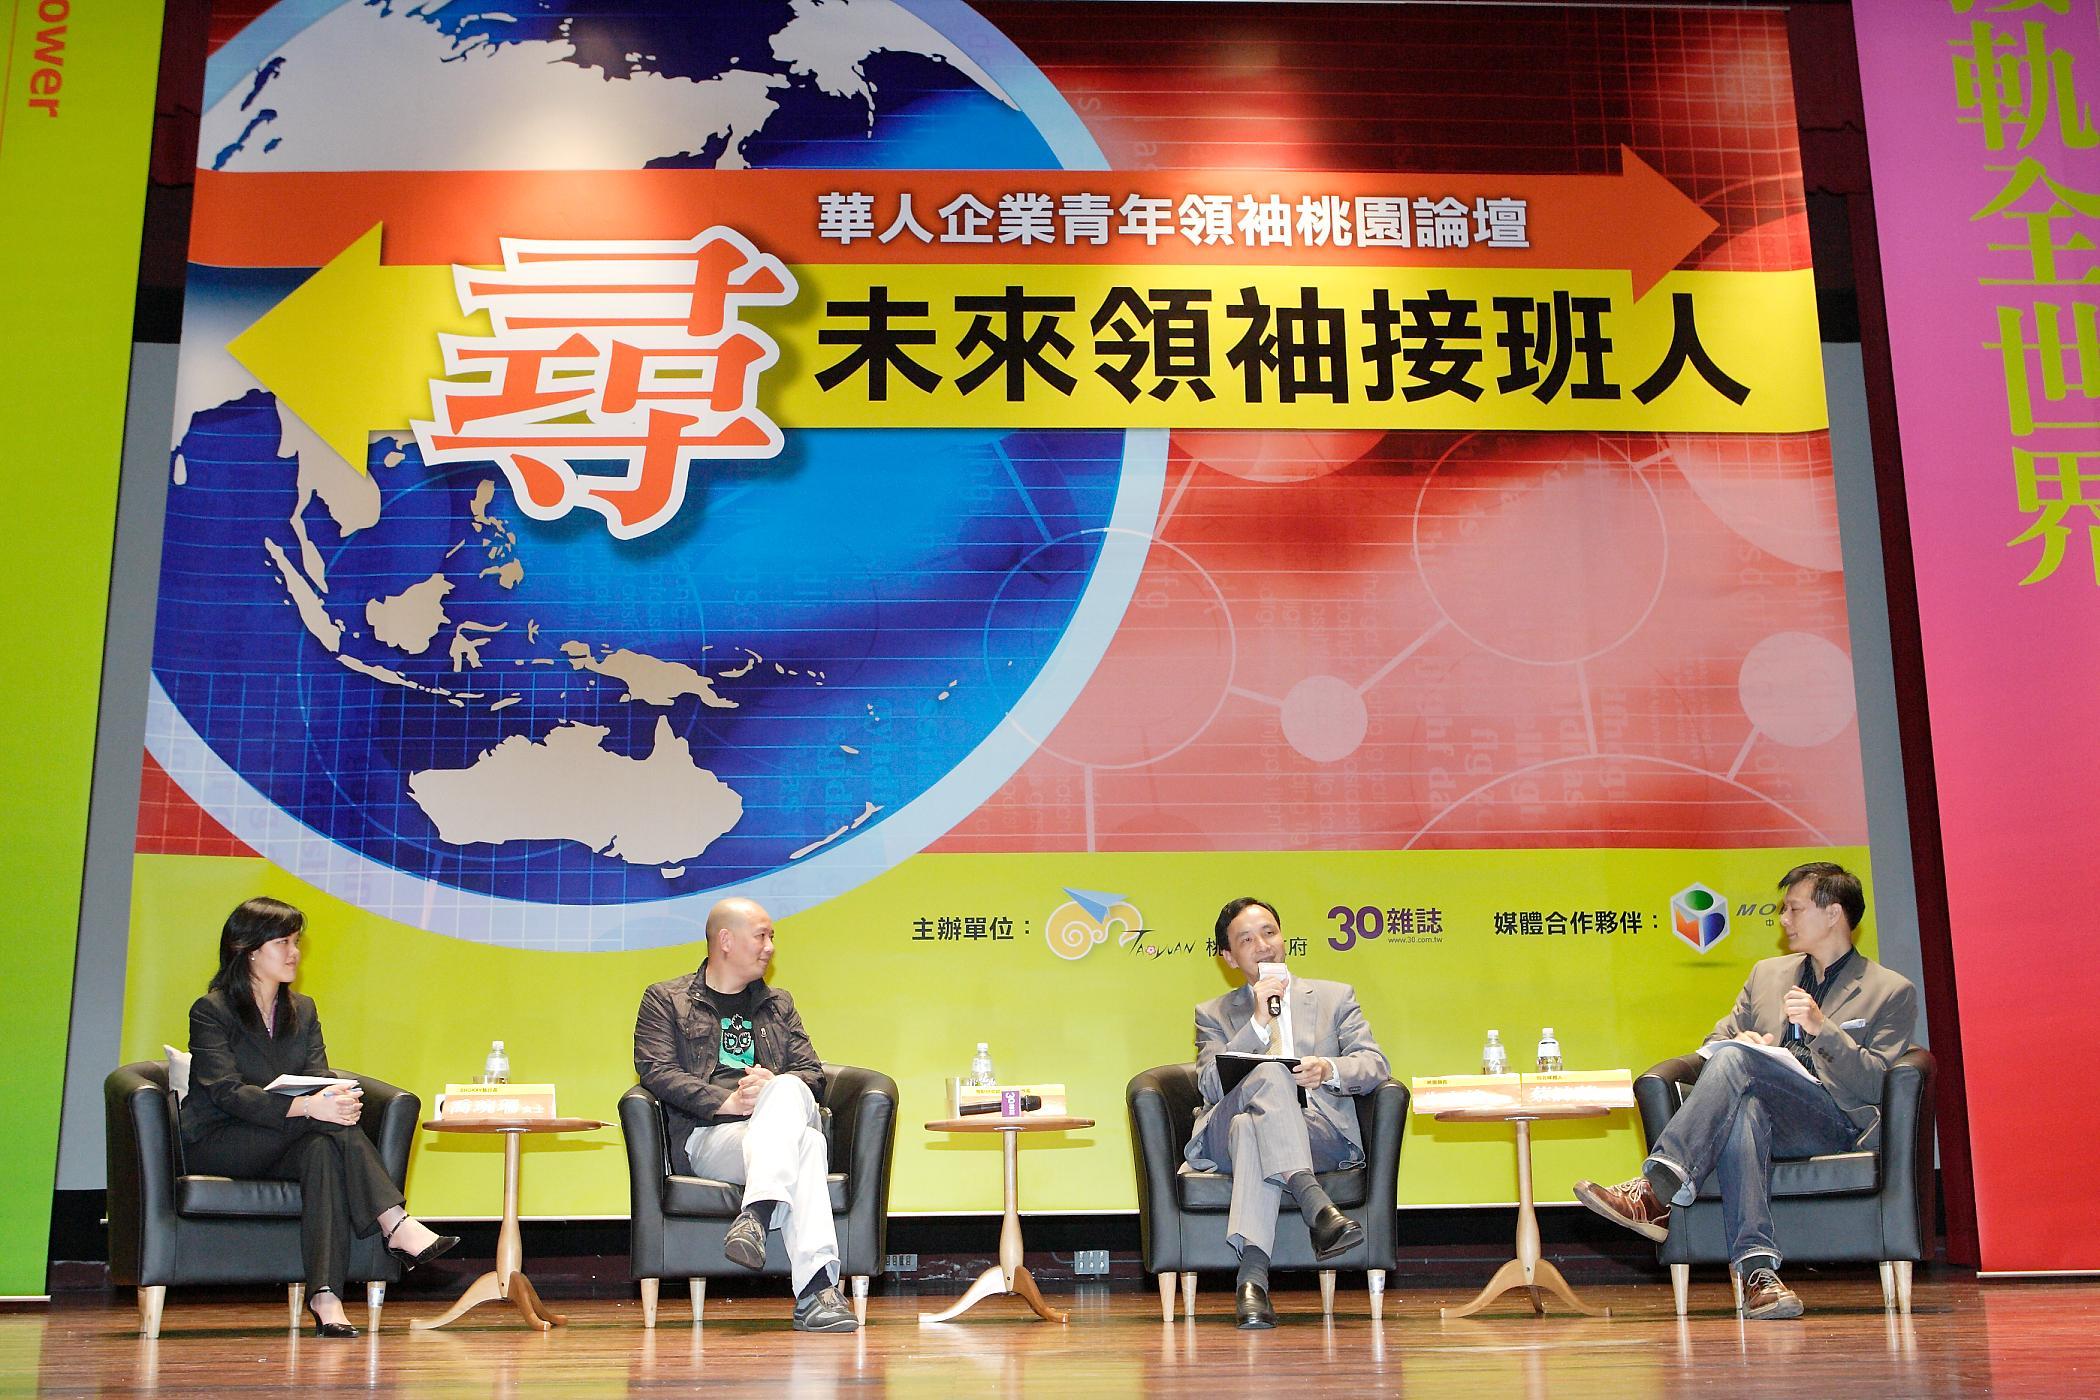 華人企業青年領袖桃園論壇在中原大學盛大舉行